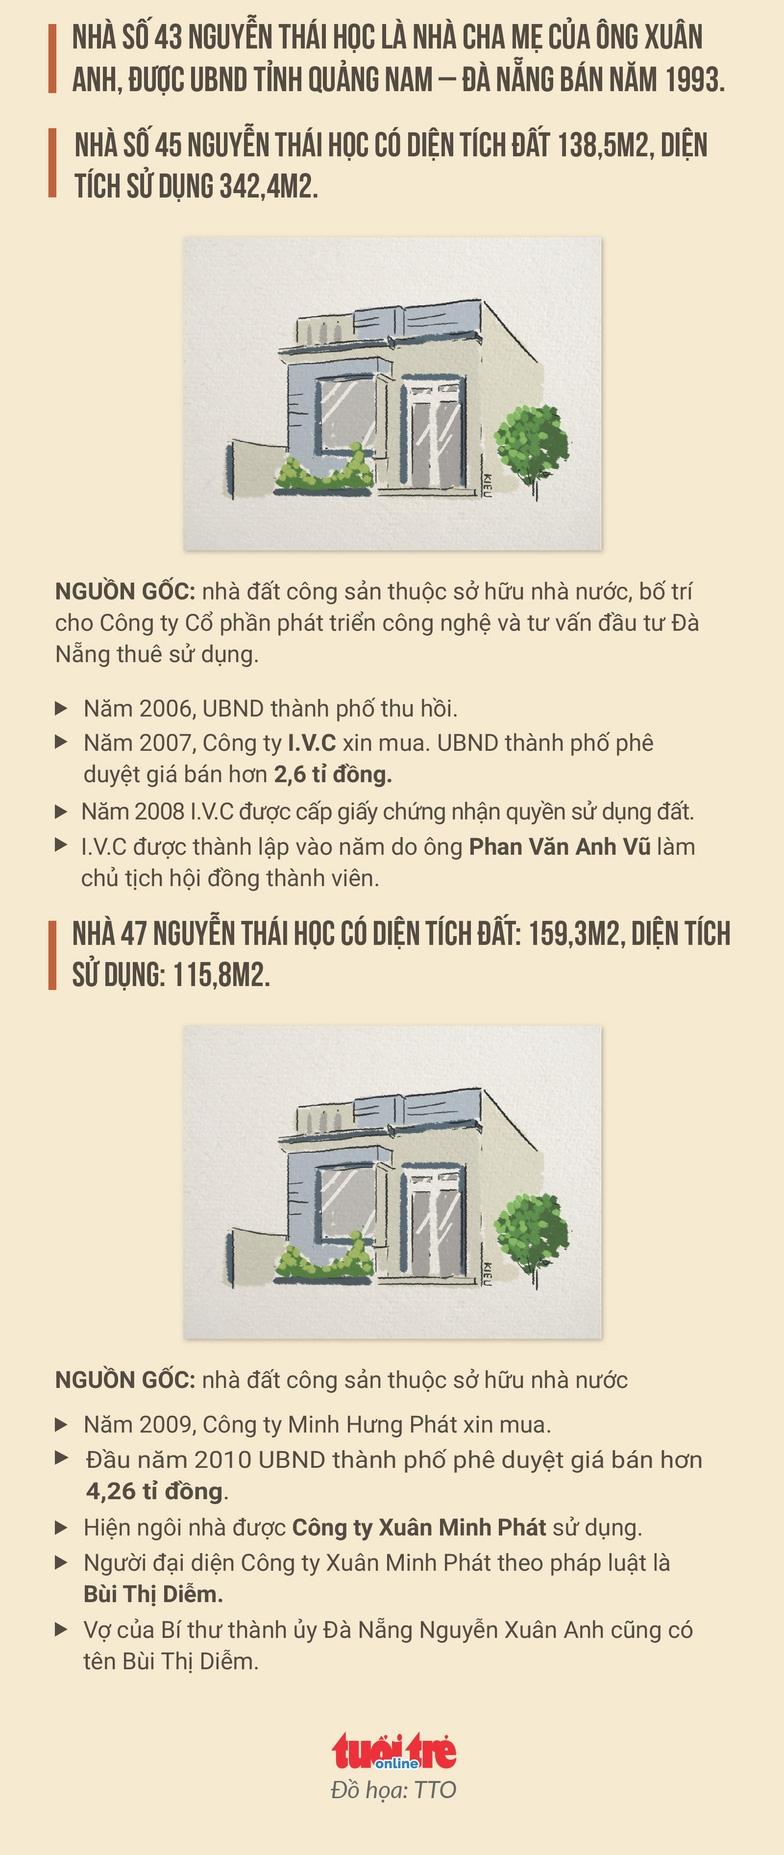 Bí thư Nguyễn Xuân Anh ở nhà của ai? - Ảnh 3.